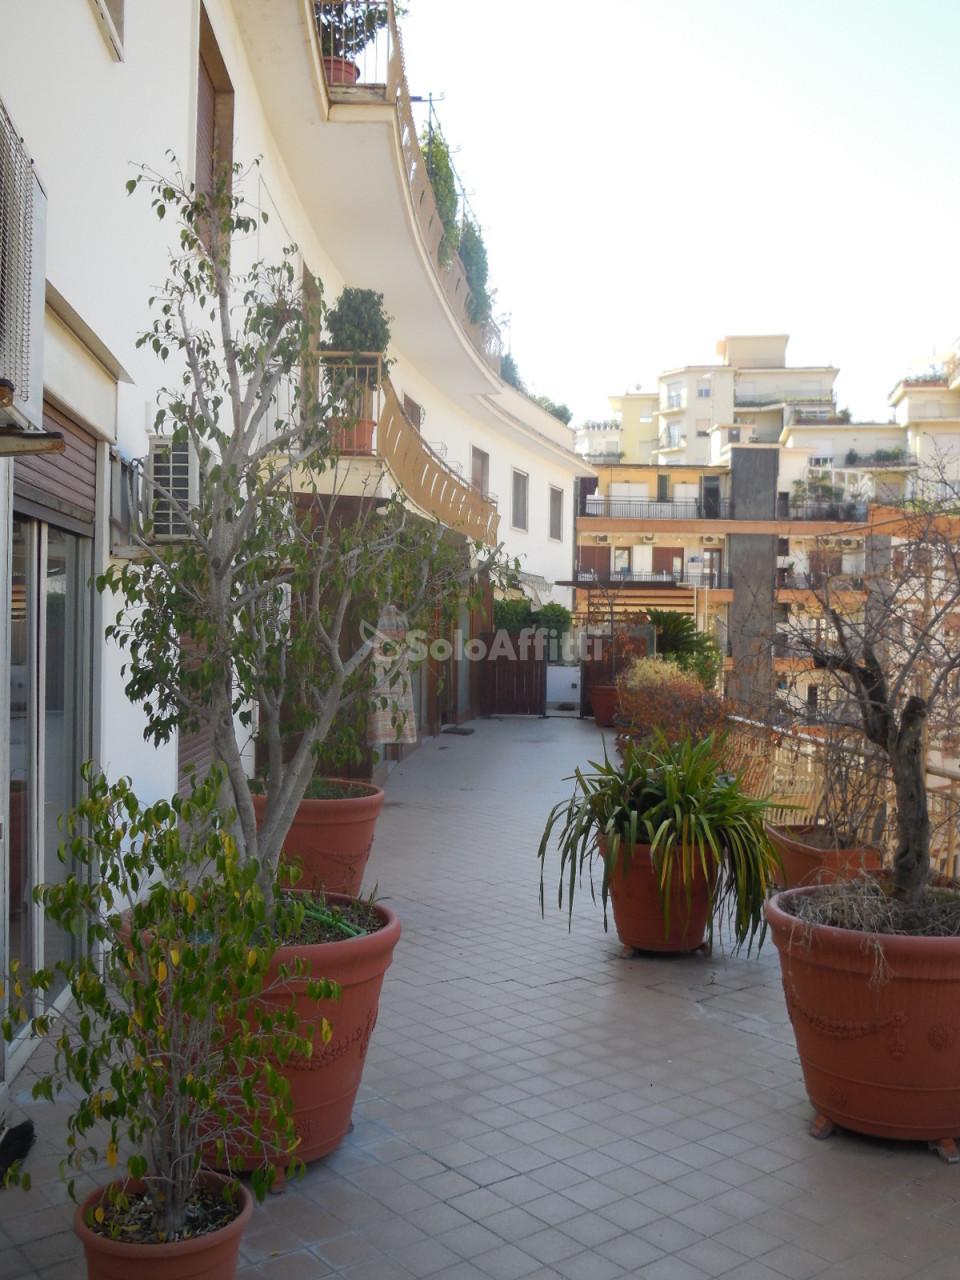 Appartamento - 6 locali a Chiaia, Napoli